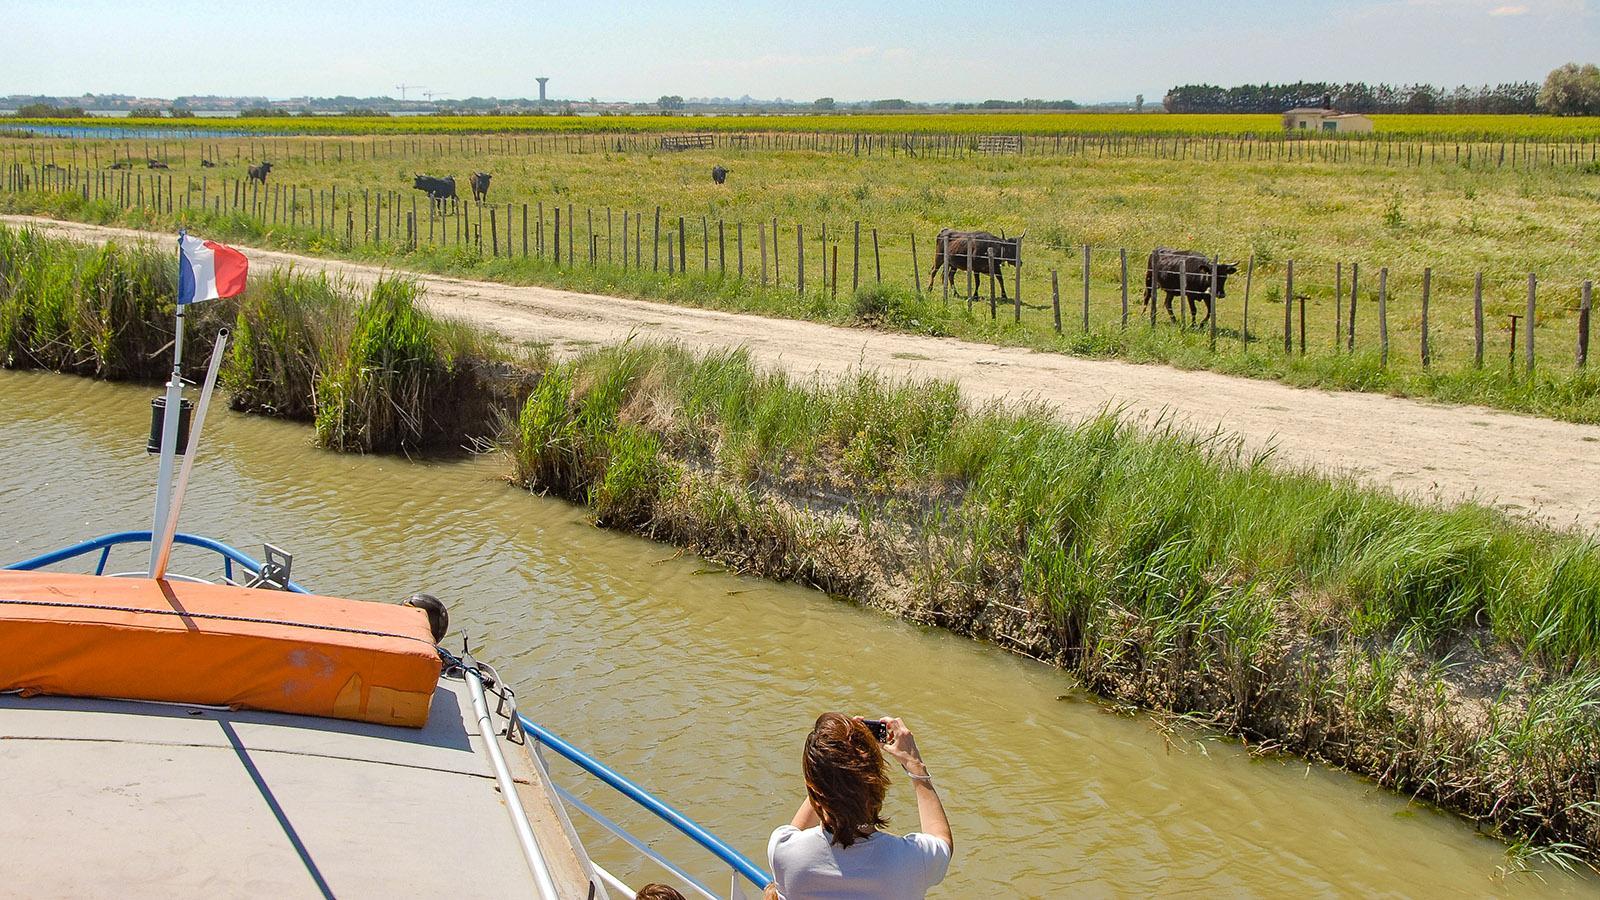 Schwarze Stier am Kanal: Bei einer Bootsfahrt ab Aigues-Mortes könnt ihr sie sehen. Foto: Hilke Maunder